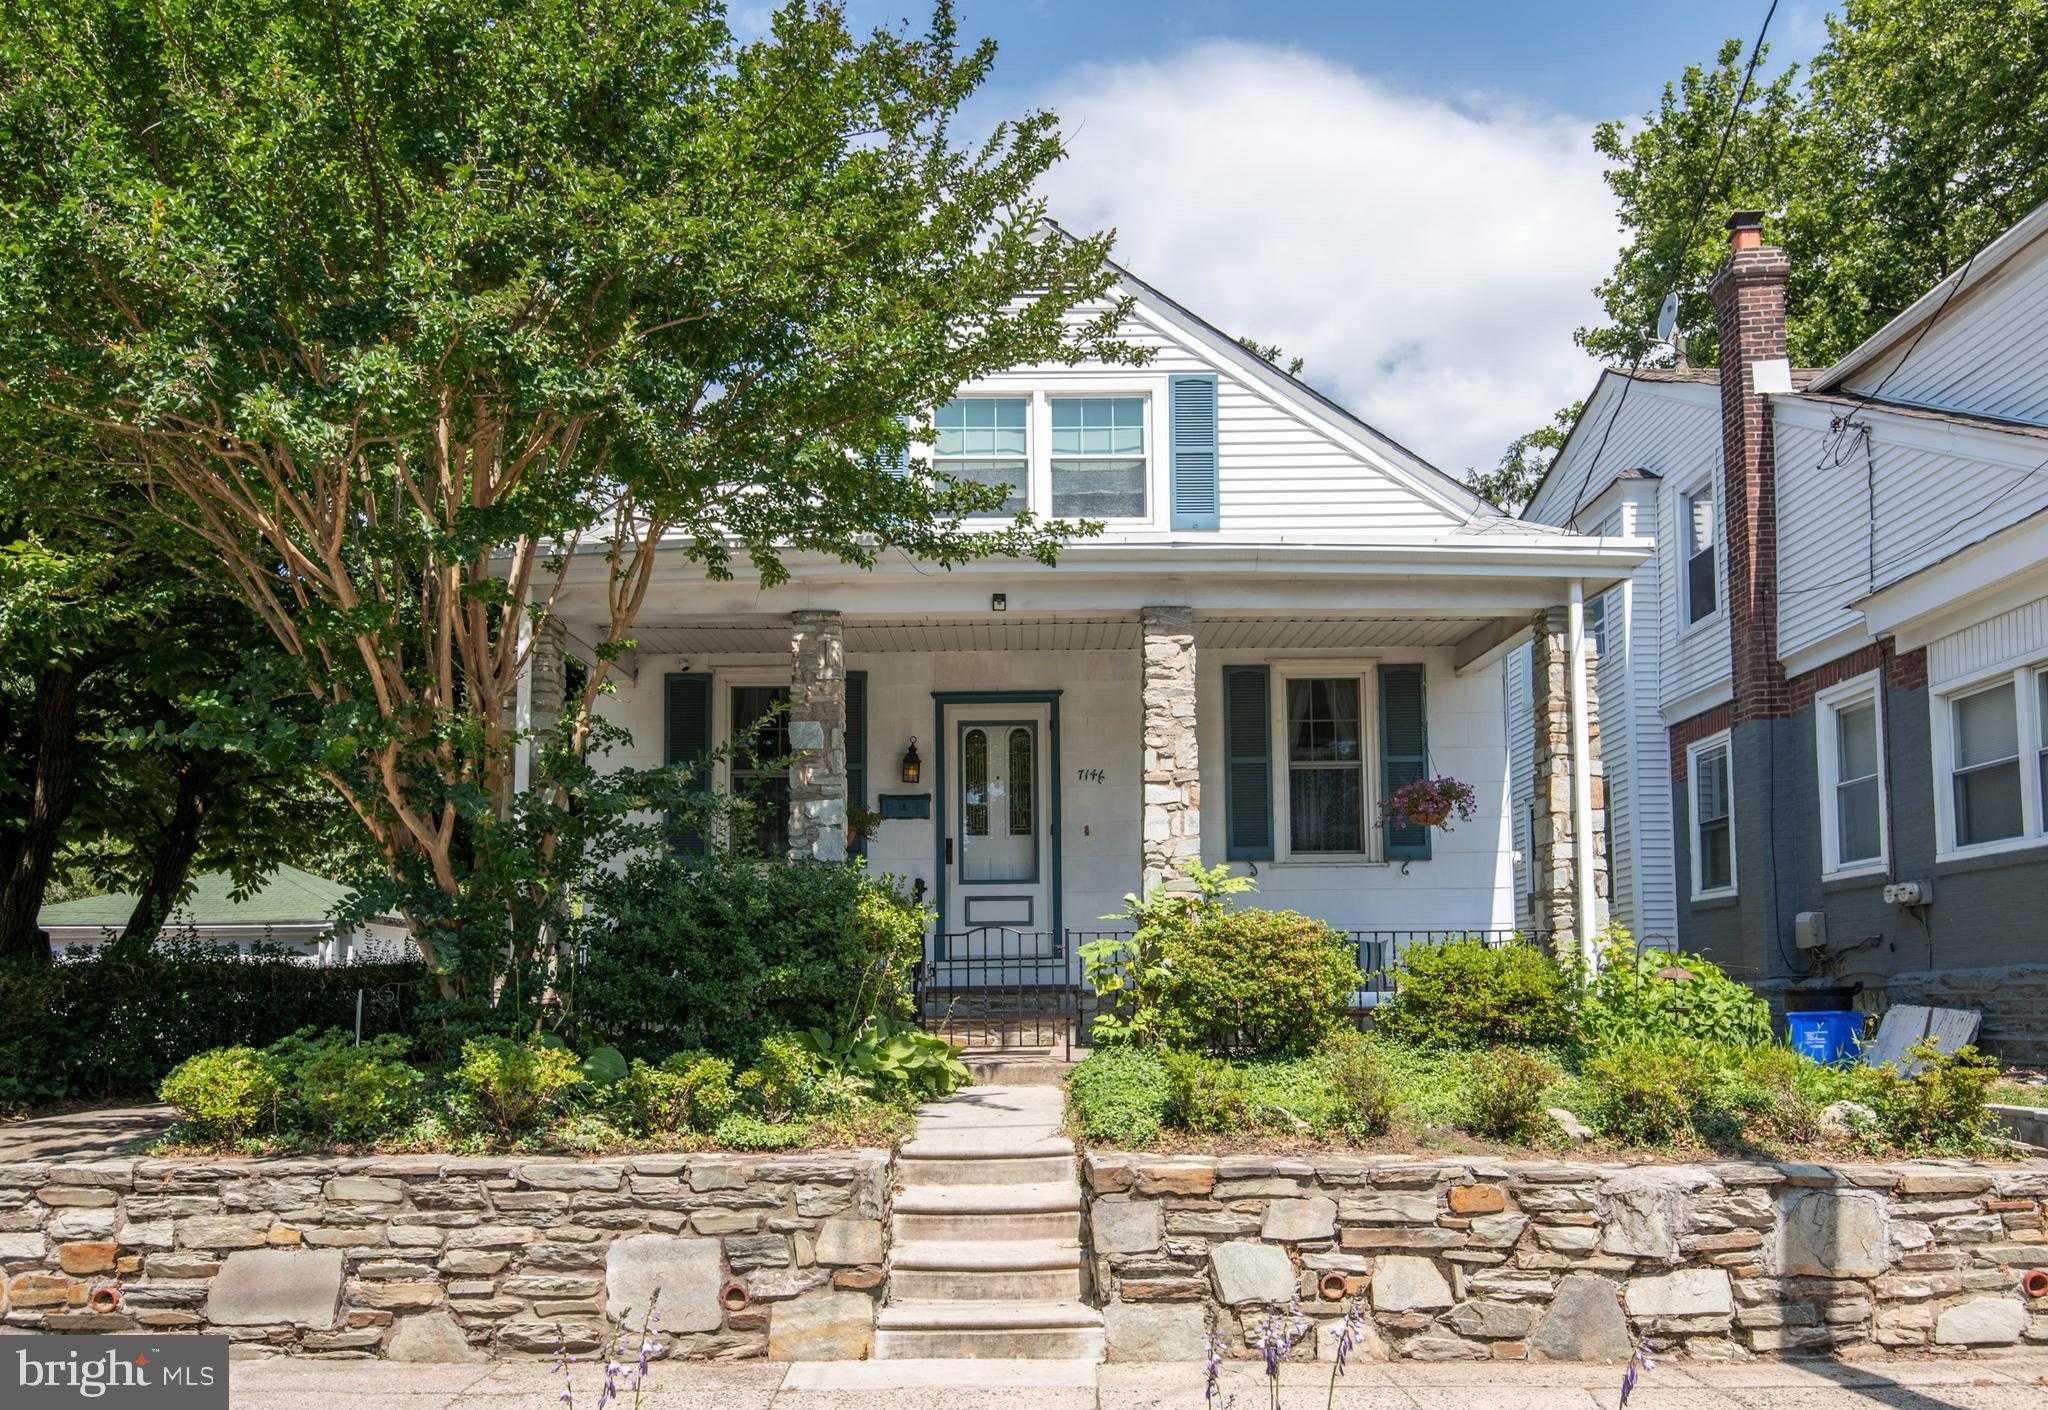 $322,000 - 3Br/2Ba -  for Sale in Burholme, Philadelphia